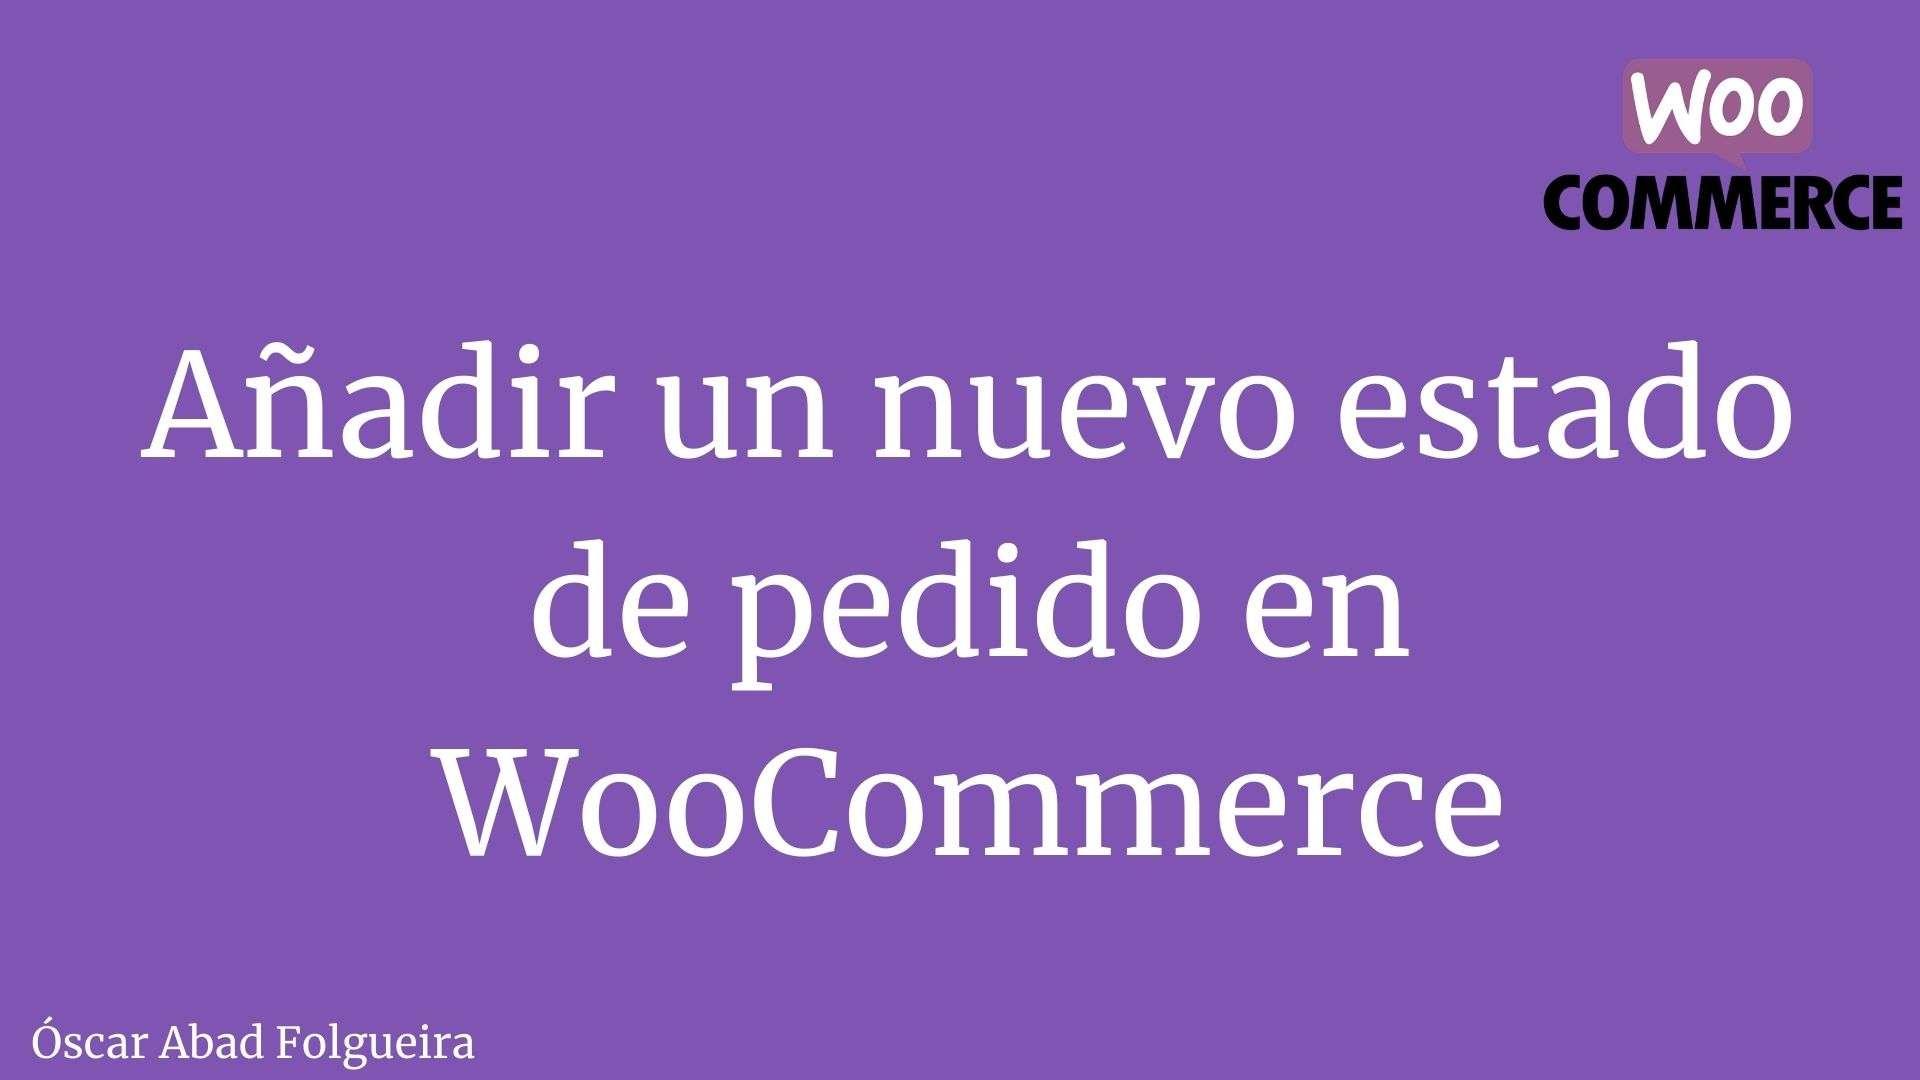 Añadir un nuevo estado de pedido en WooCommerce